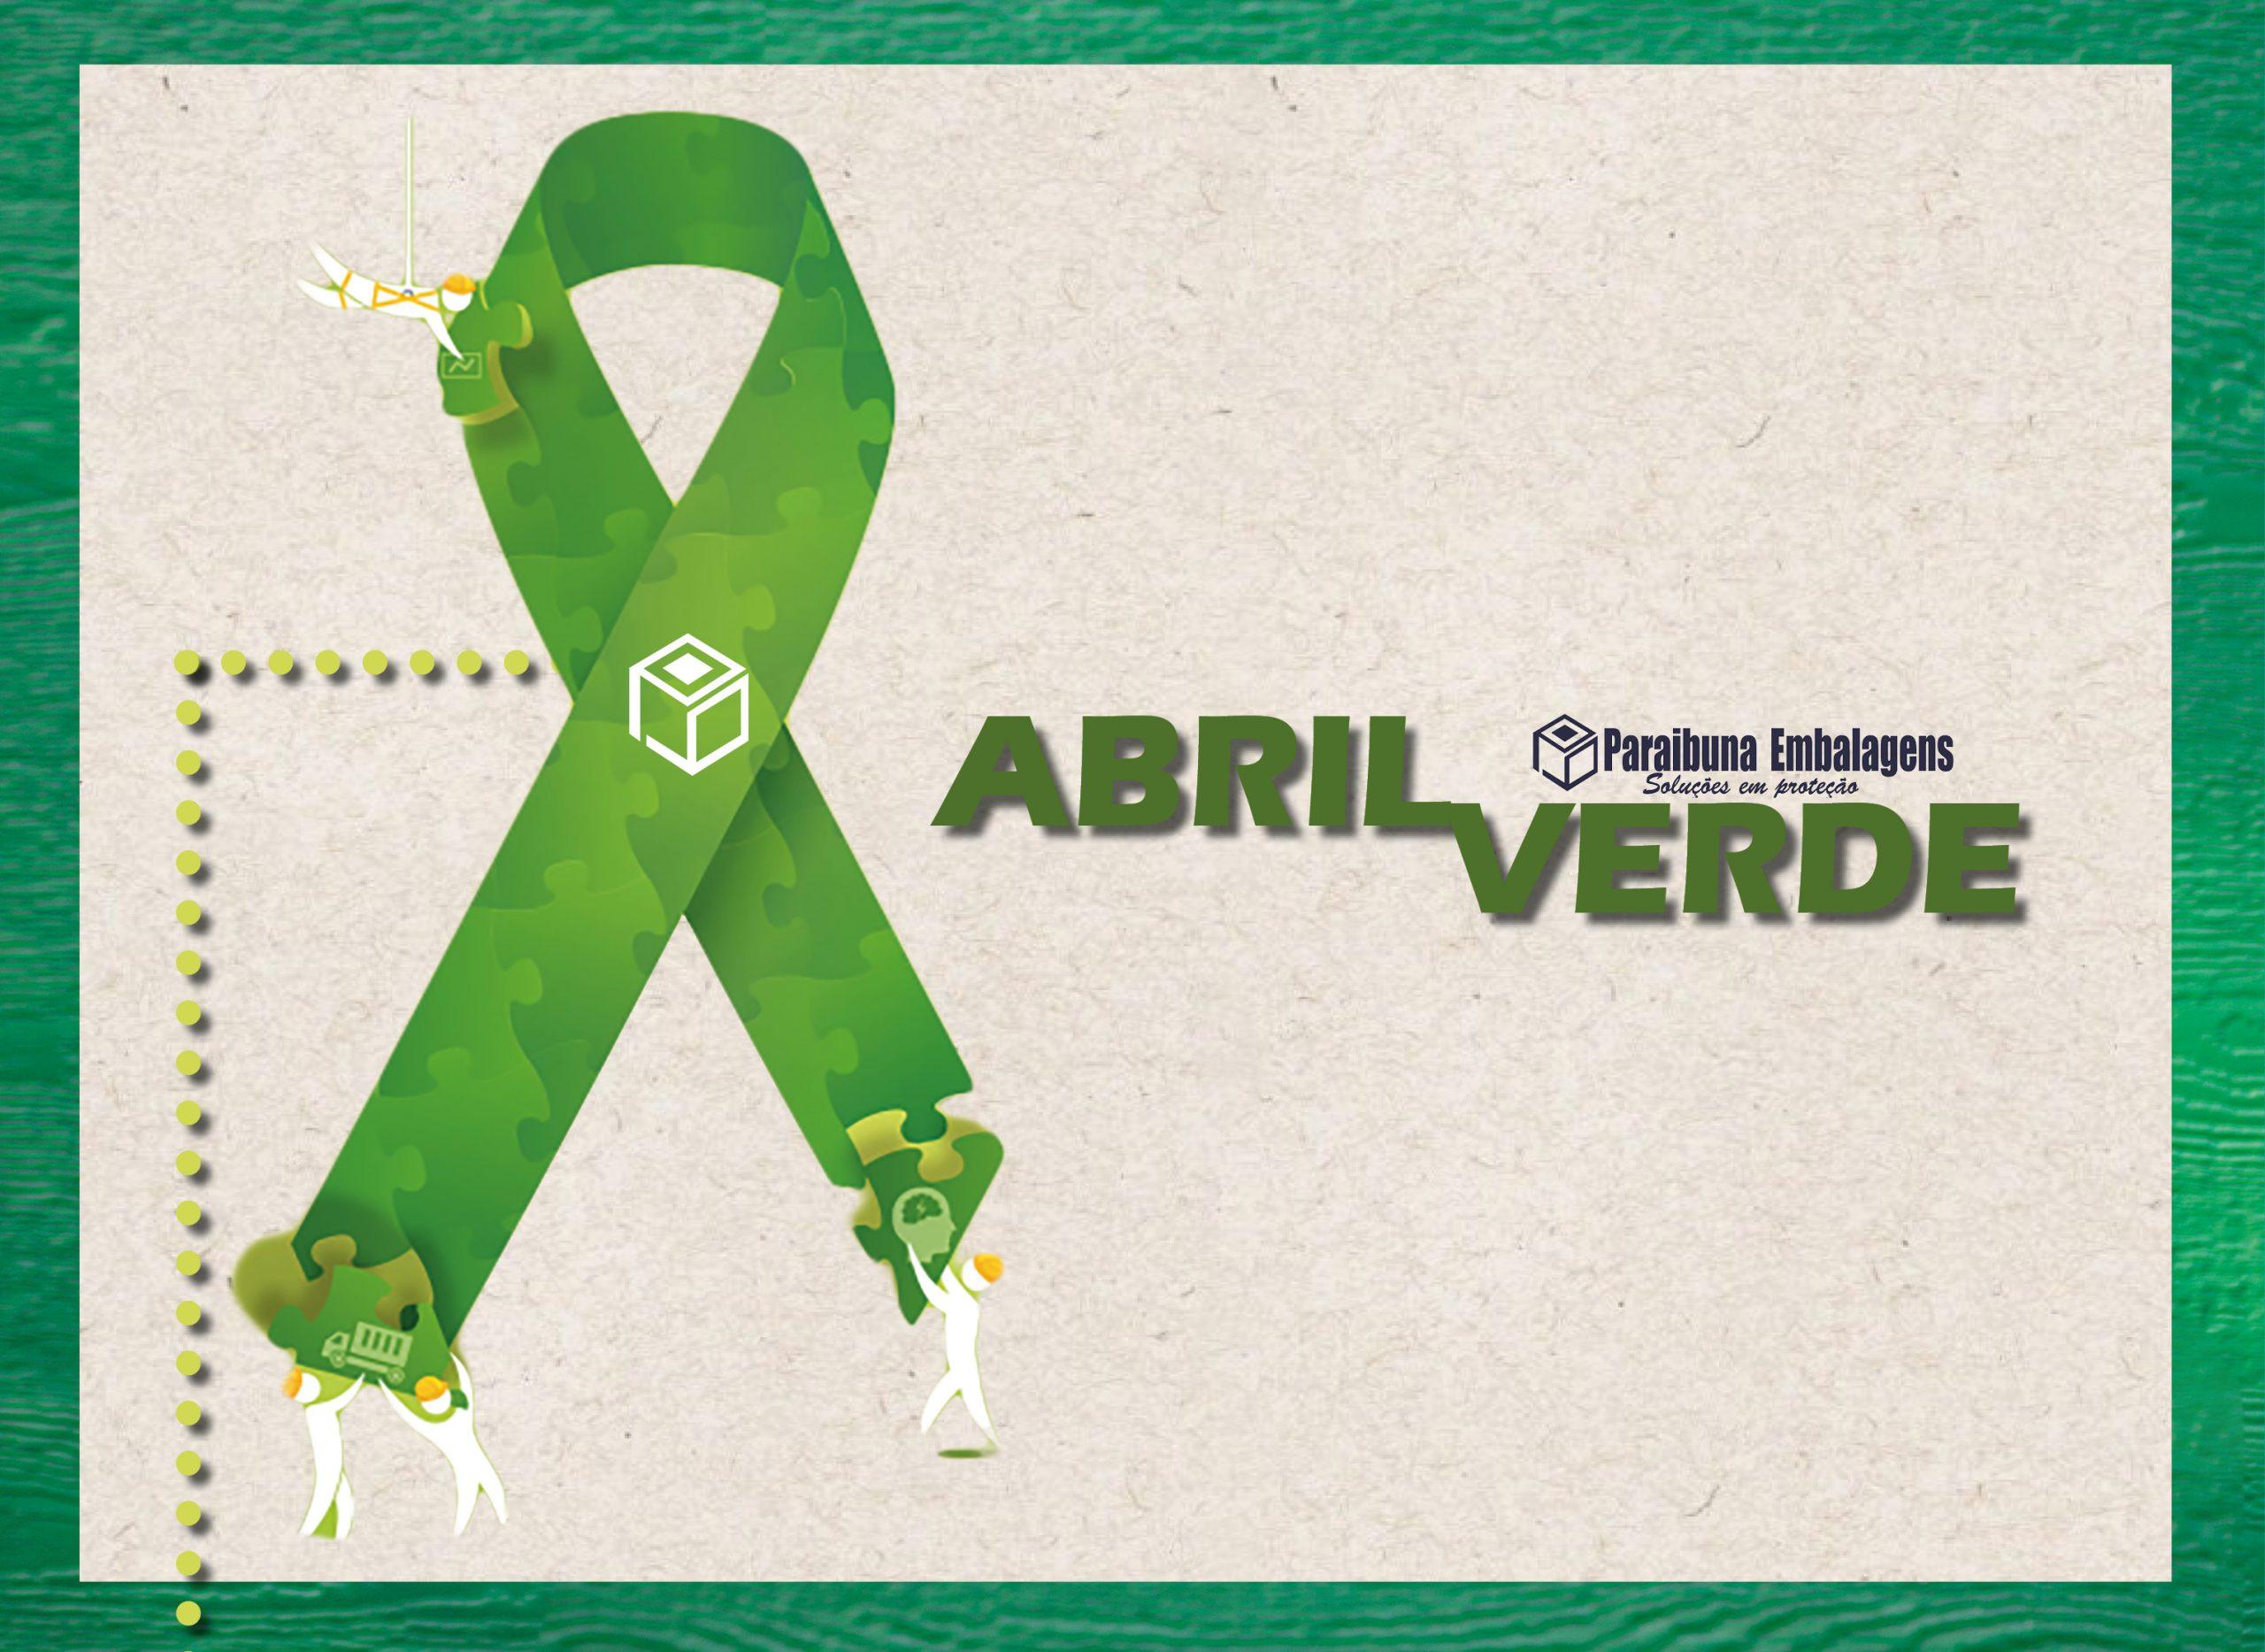 Abril Verde: Conscientização sobre saúde e segurança do trabalho.